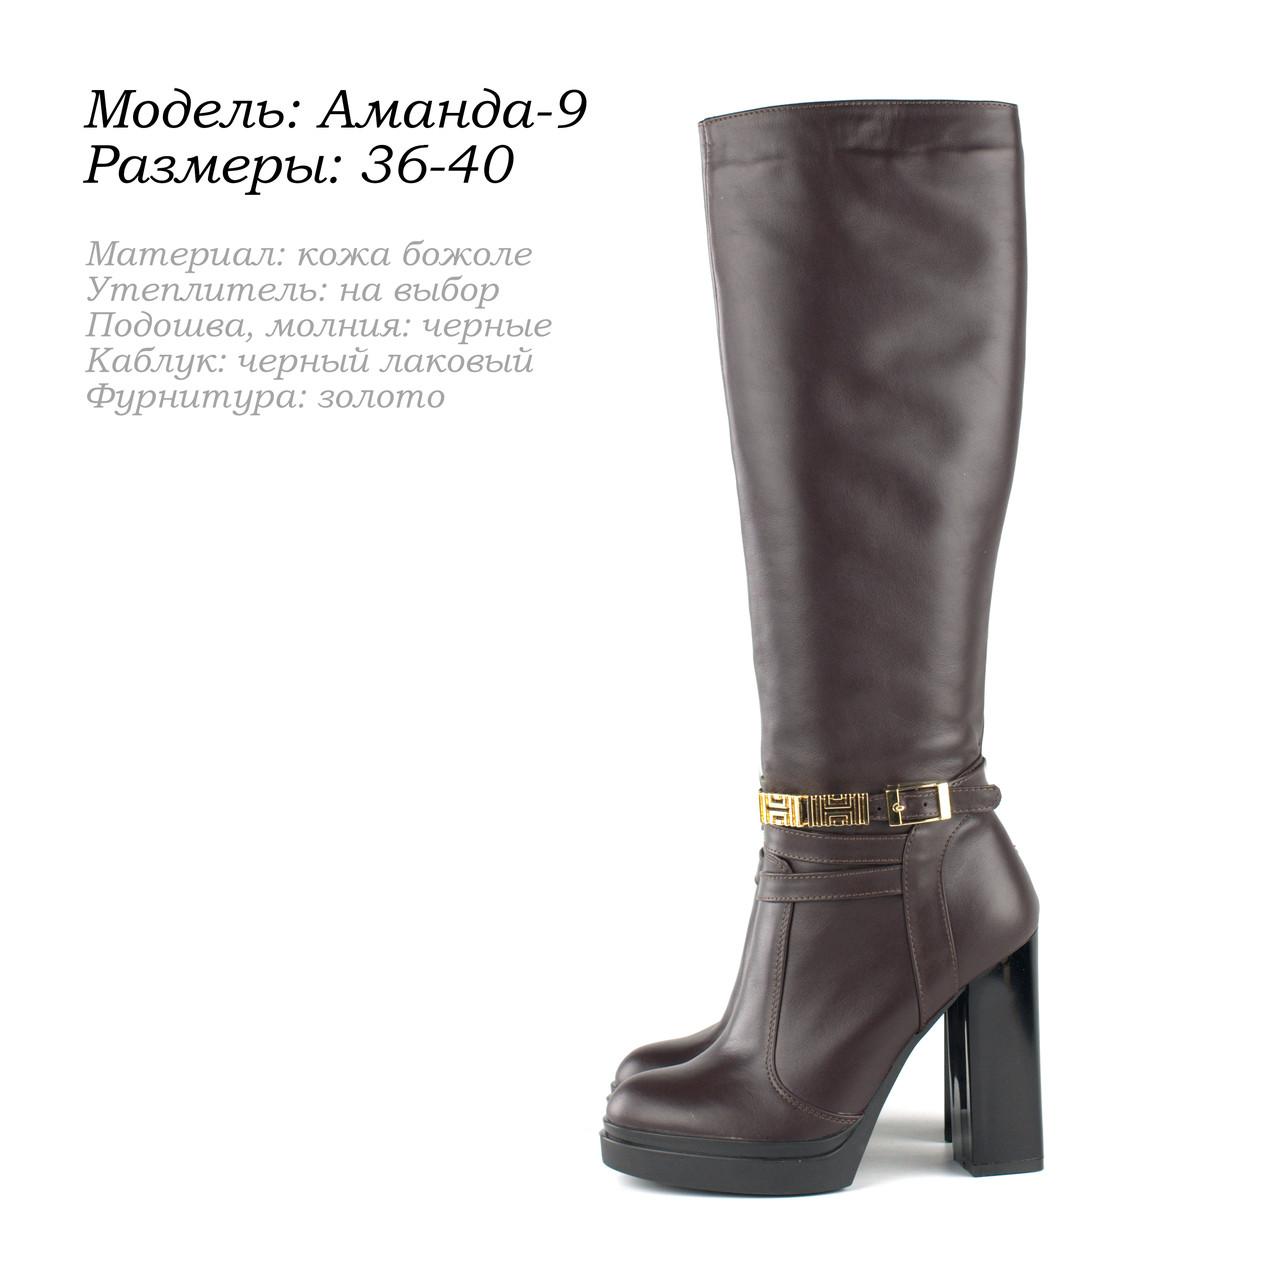 Кожаная обувь от украинского производителя.